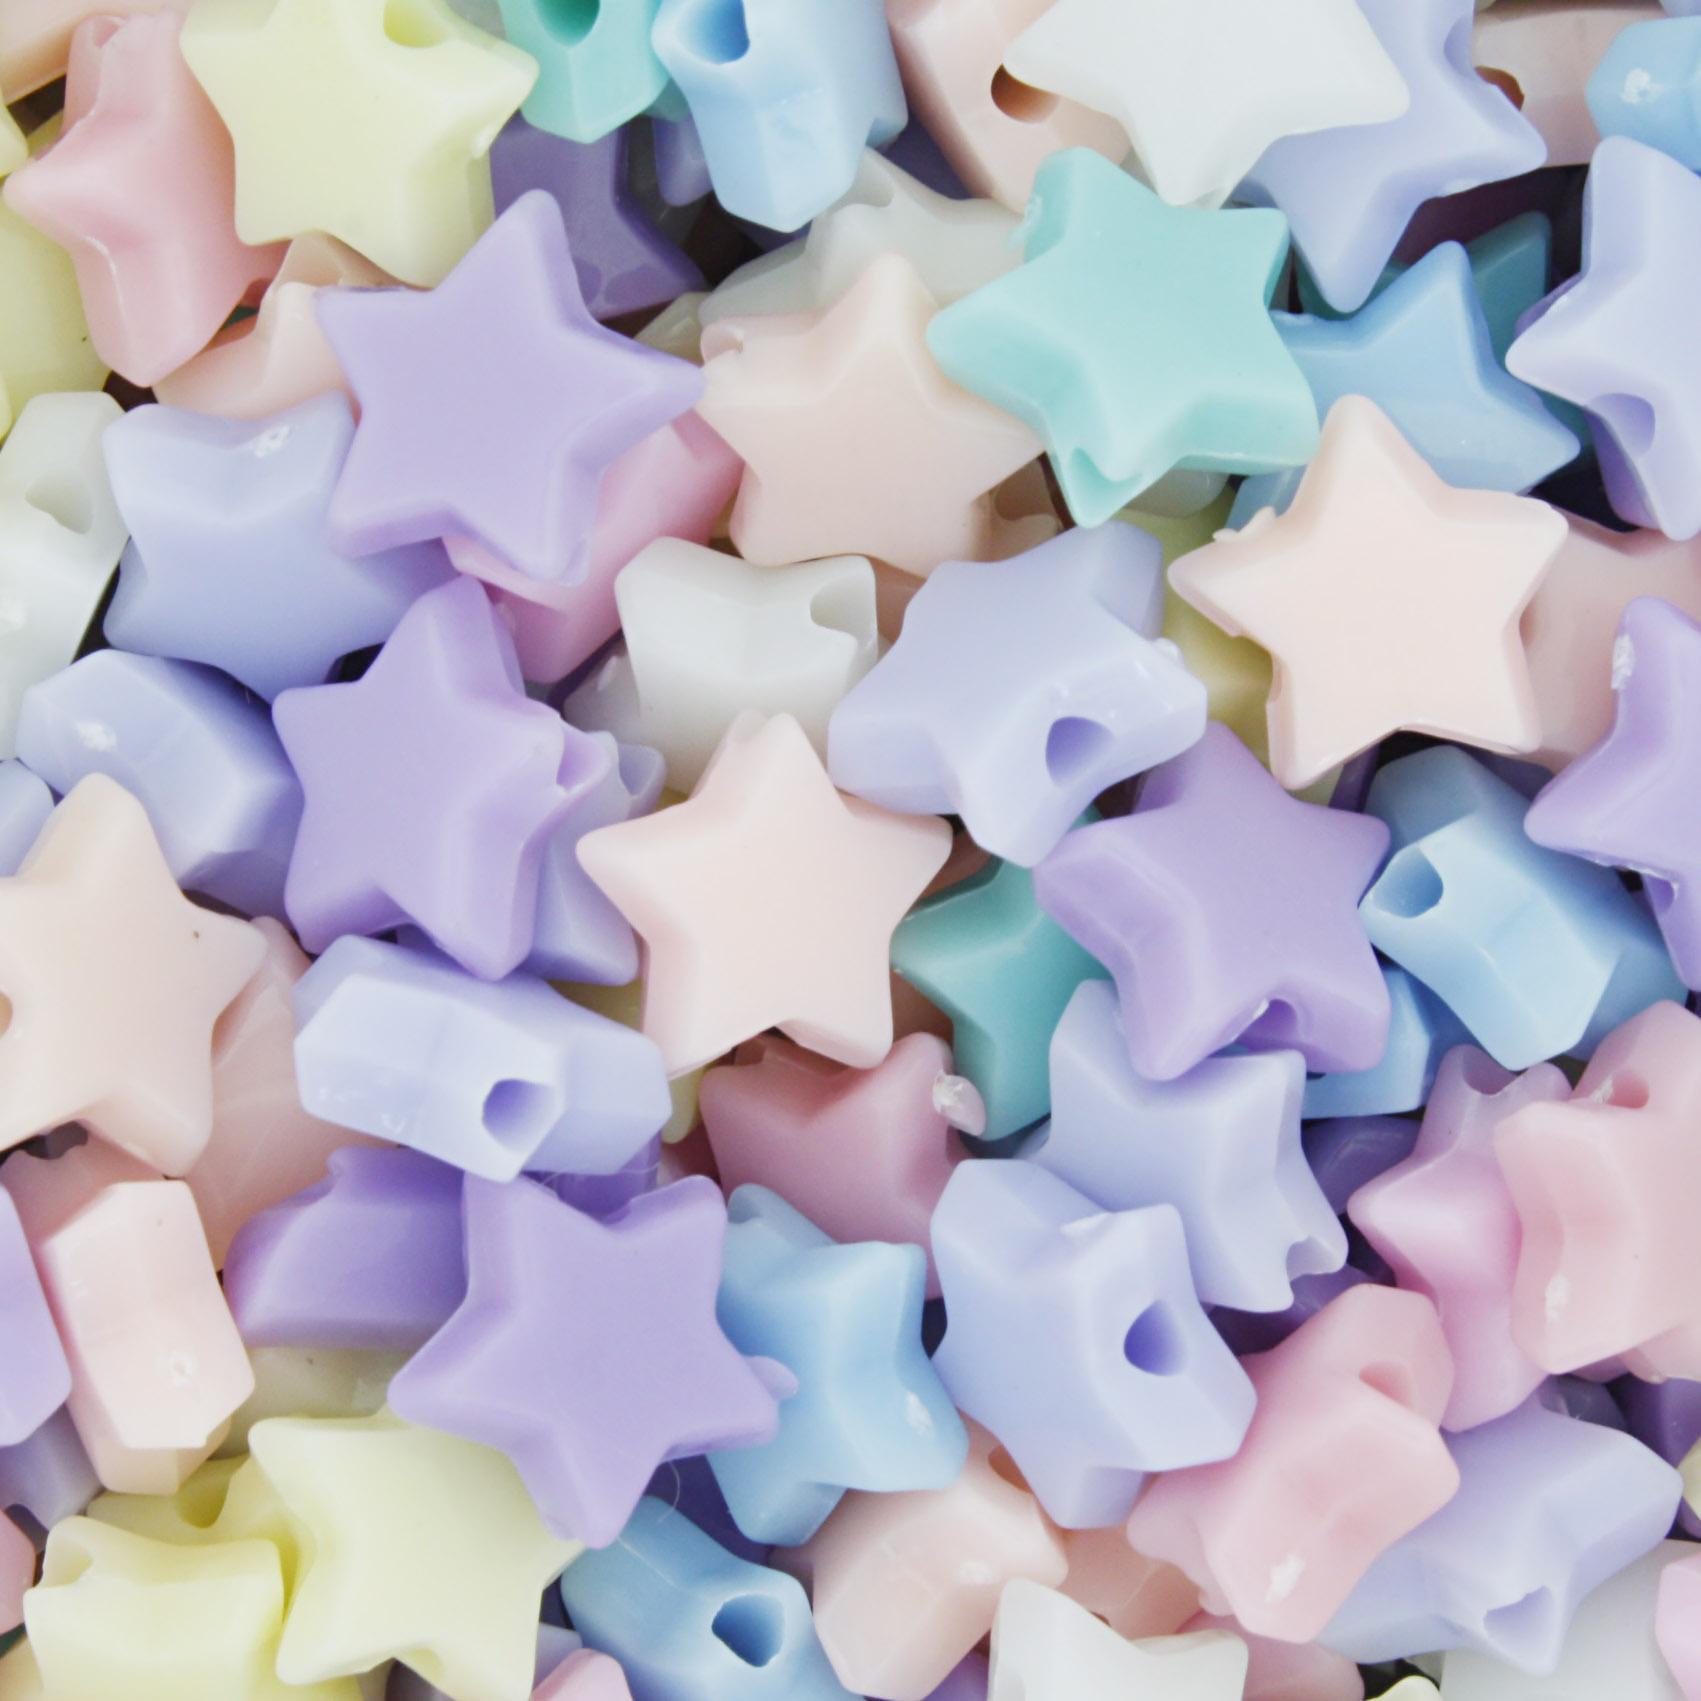 Miçanga Colorida Infantil - Estrela Candy  - Stéphanie Bijoux® - Peças para Bijuterias e Artesanato